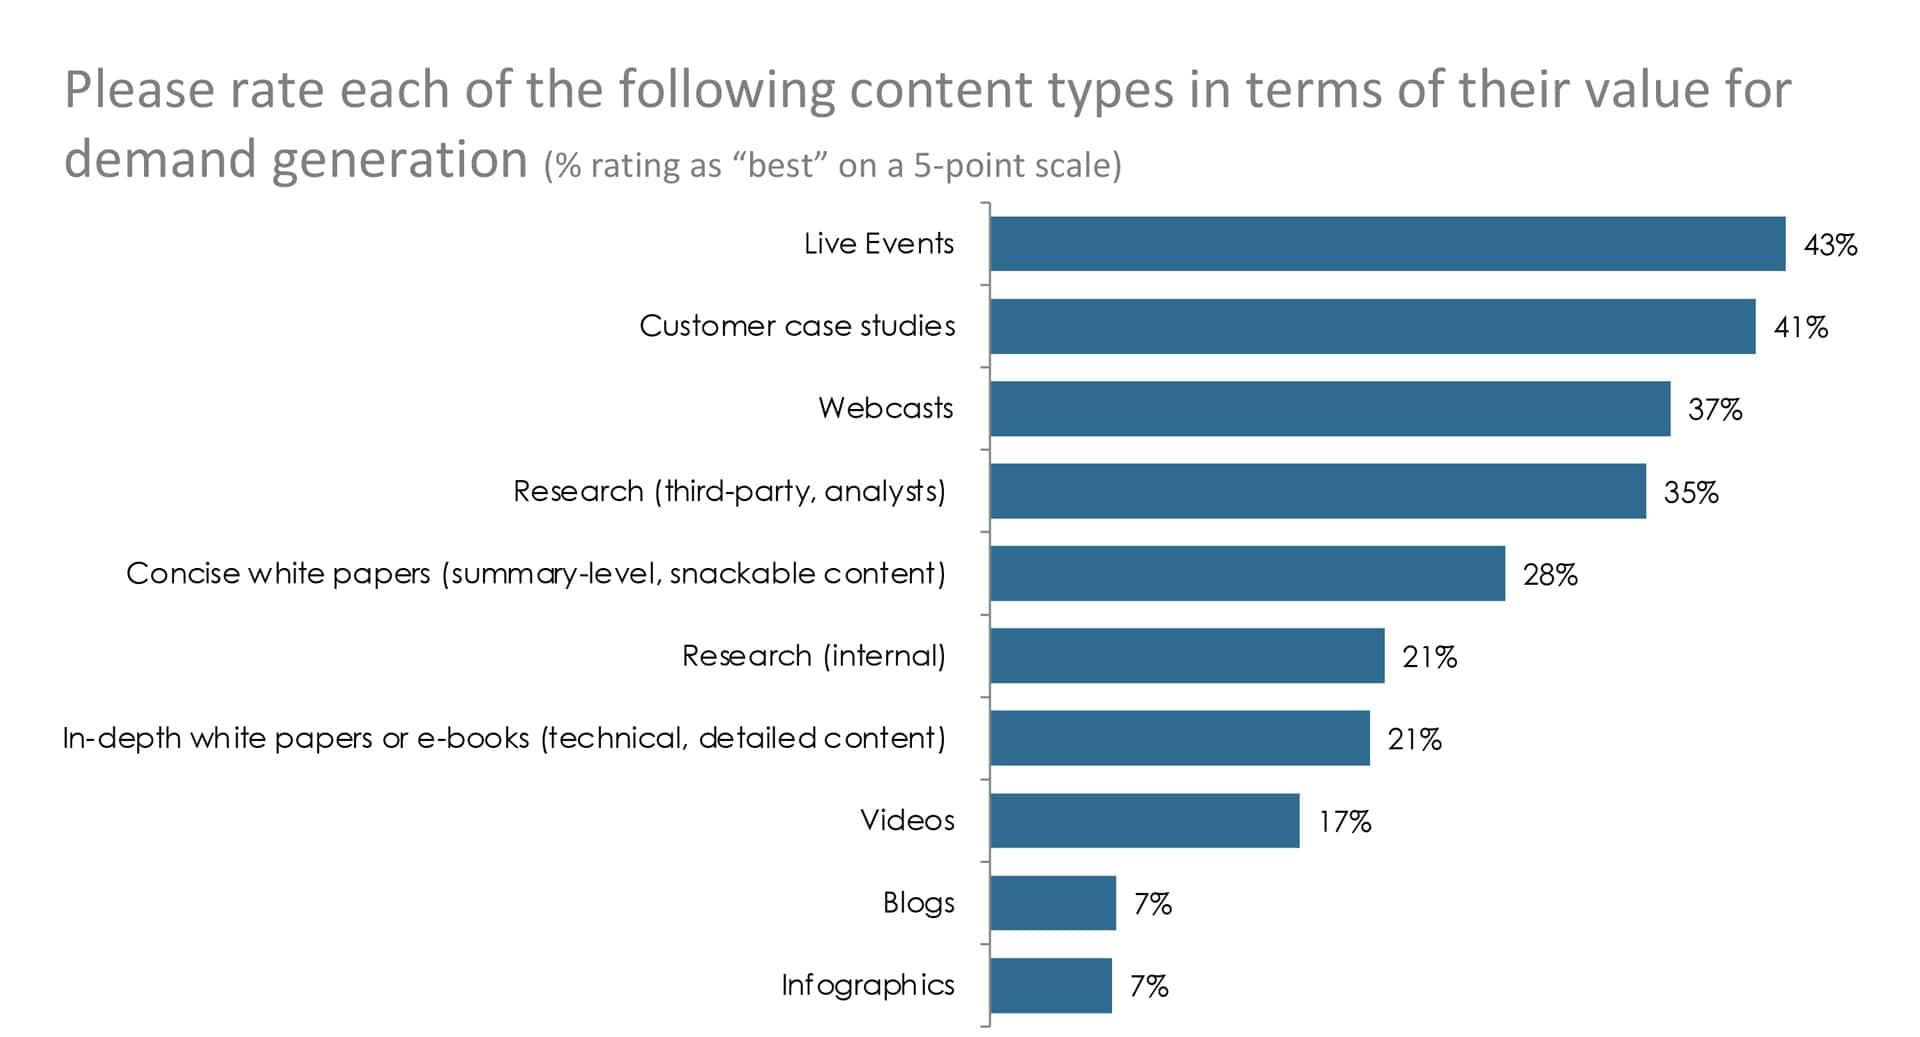 Hier spiegelt sich der in der IT-Branche steigende Trend zu Account Based Marketing und zum Optimieren der Website wieder.